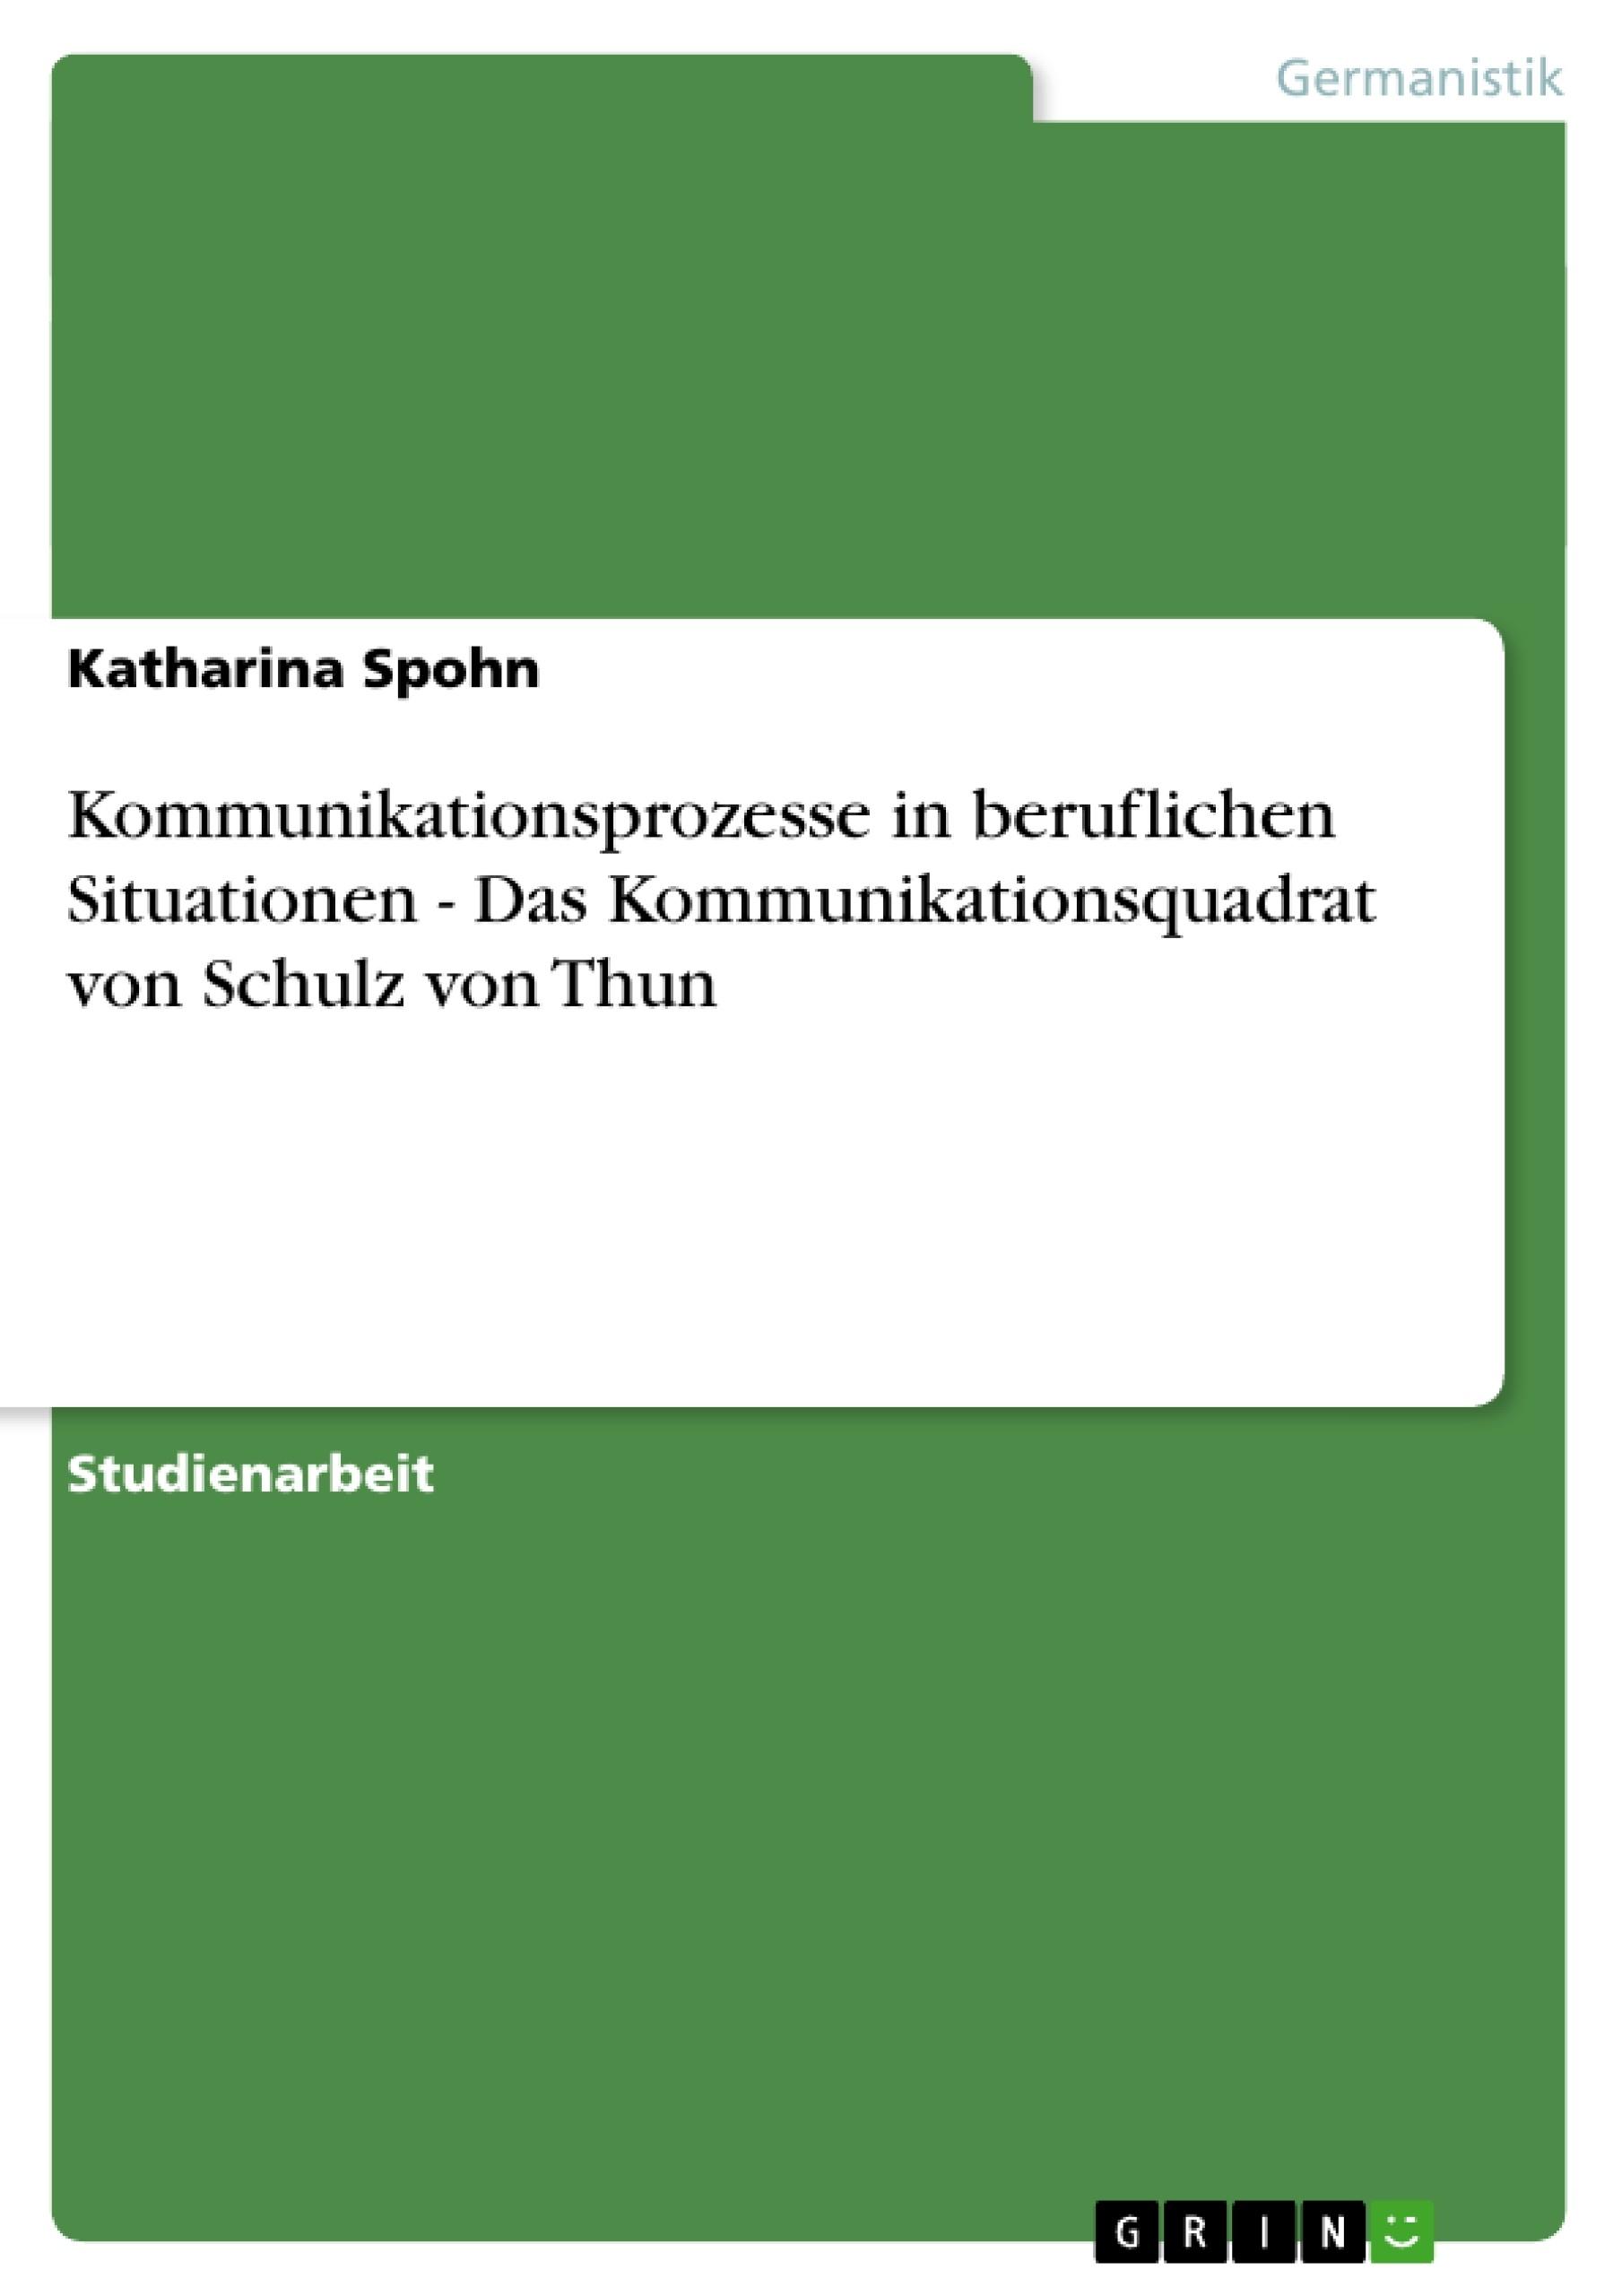 Titel: Kommunikationsprozesse in beruflichen Situationen - Das Kommunikationsquadrat von Schulz von Thun